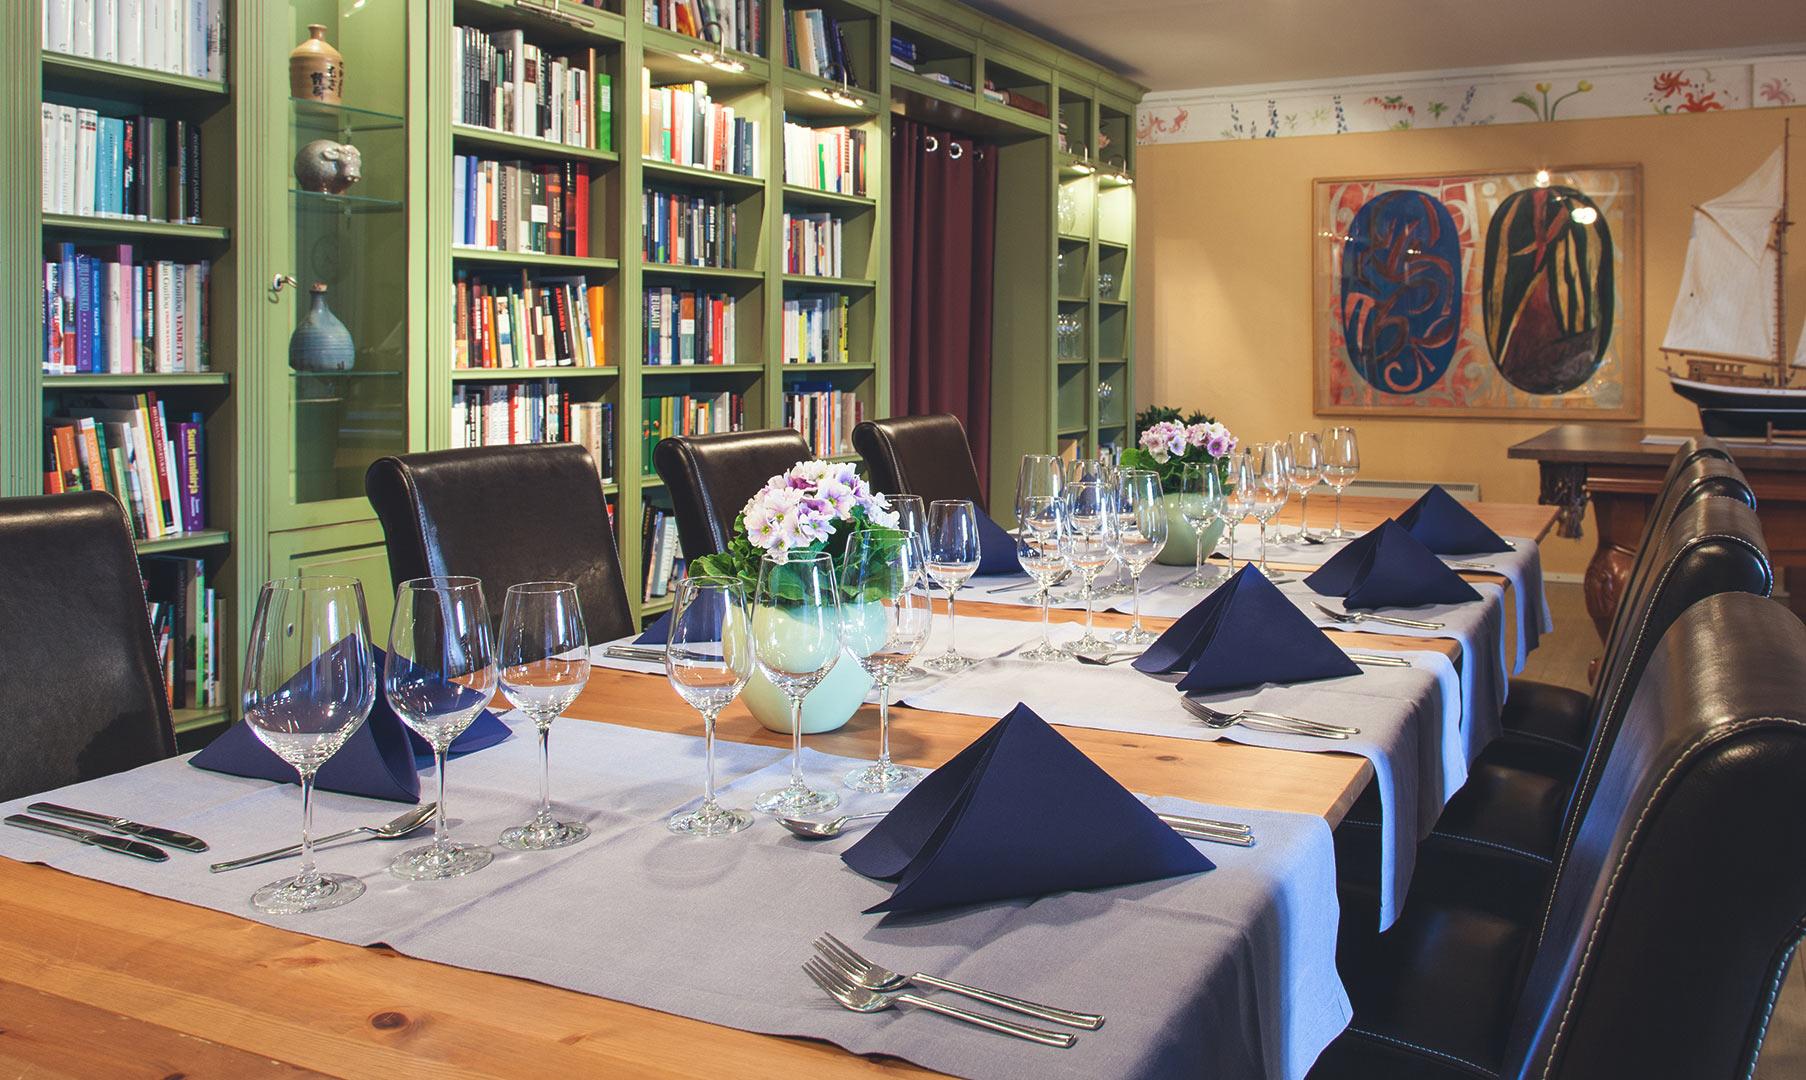 Illalliskattaus Calliolan Kirjastossa